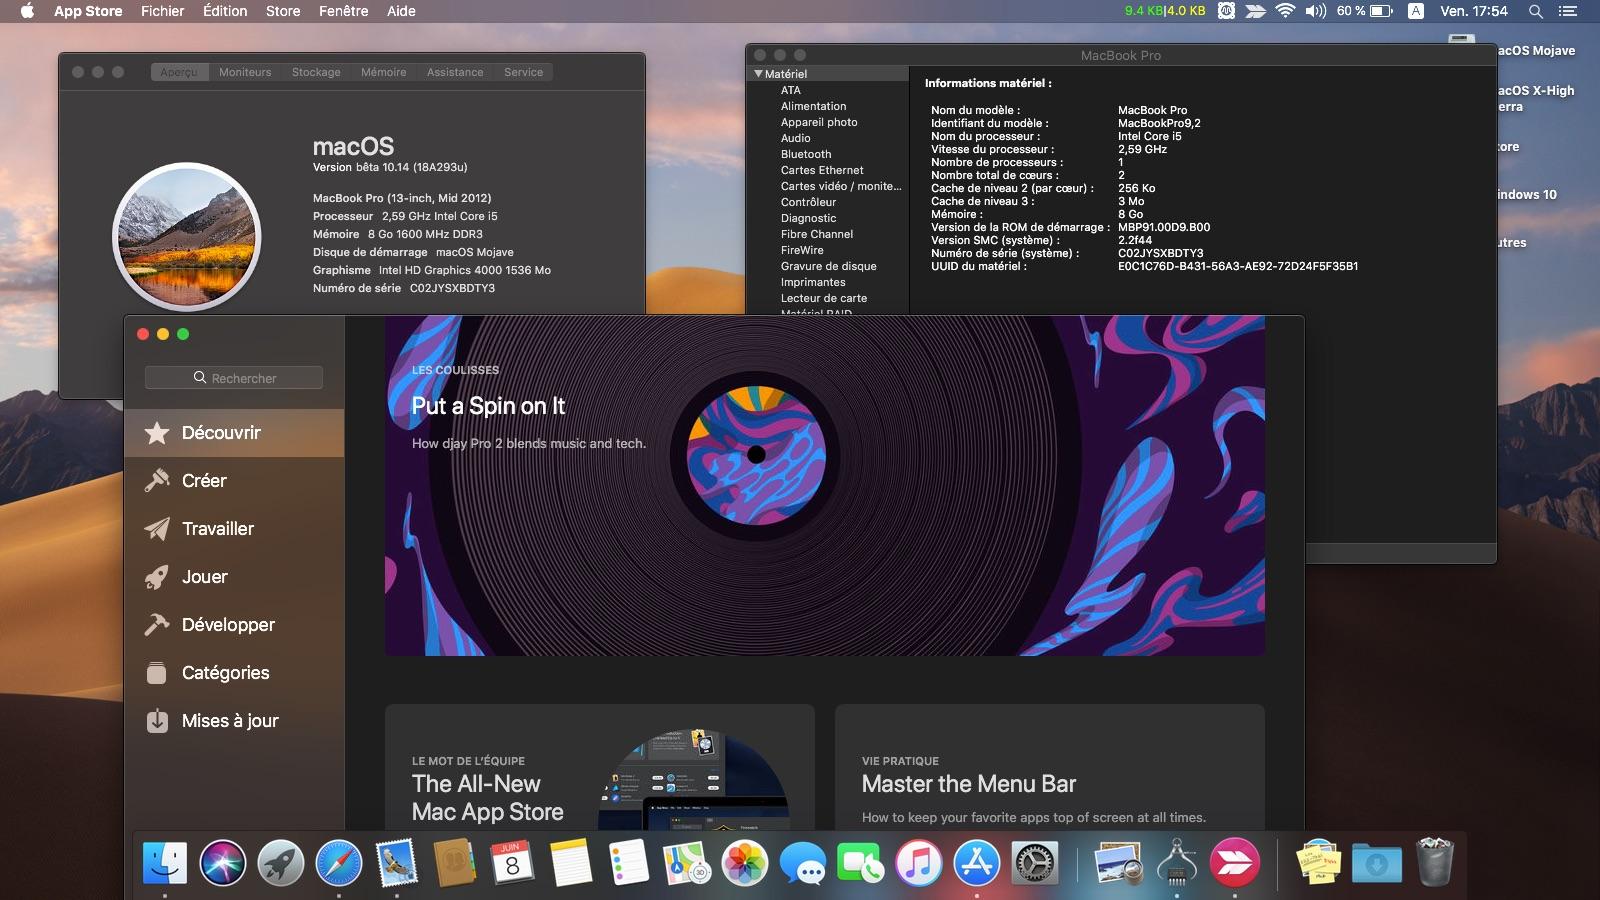 macOS Mojave 10.14 .Beta (Beta1, Beta2, Beta3, Beta4, Beta5, Beta6 . . .) Captur26